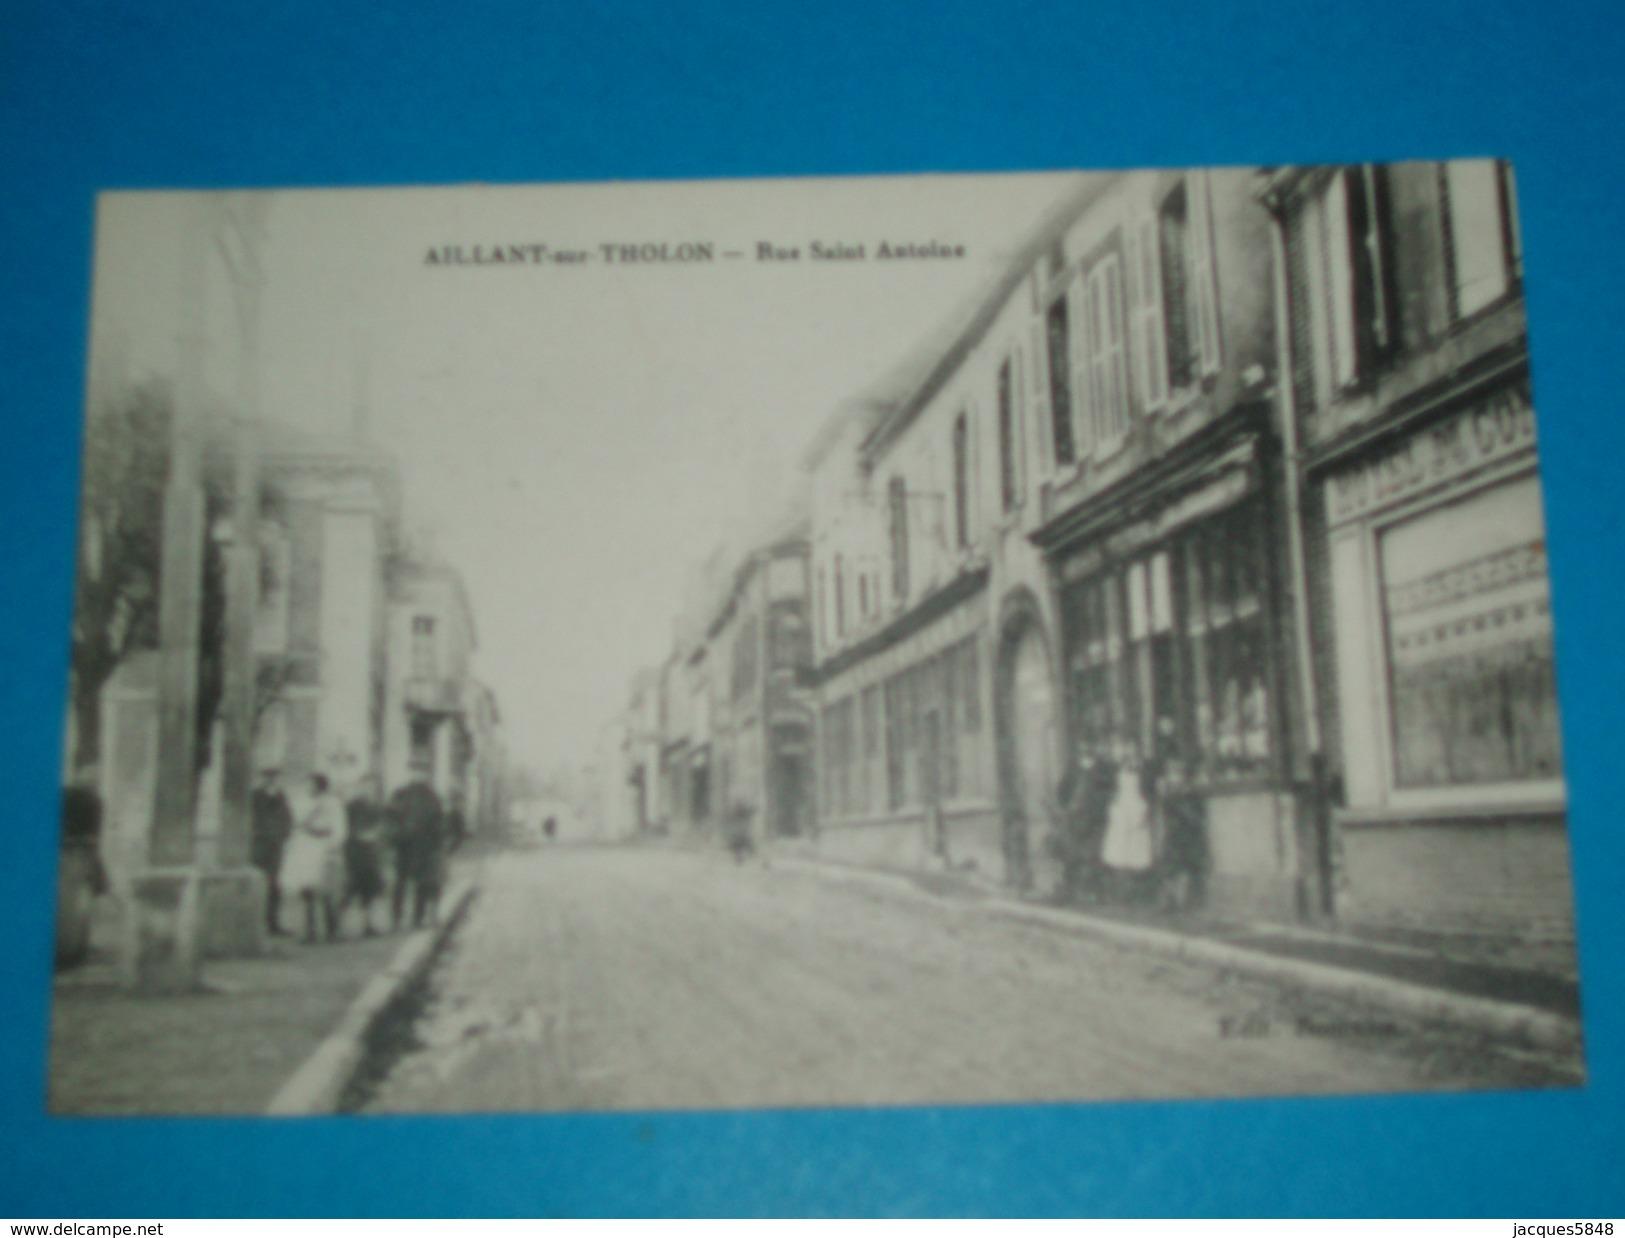 89 ) Aillant-sur-tholon - Rue Saint Antoine  - Année - EDIT : Roncelin - Aillant Sur Tholon